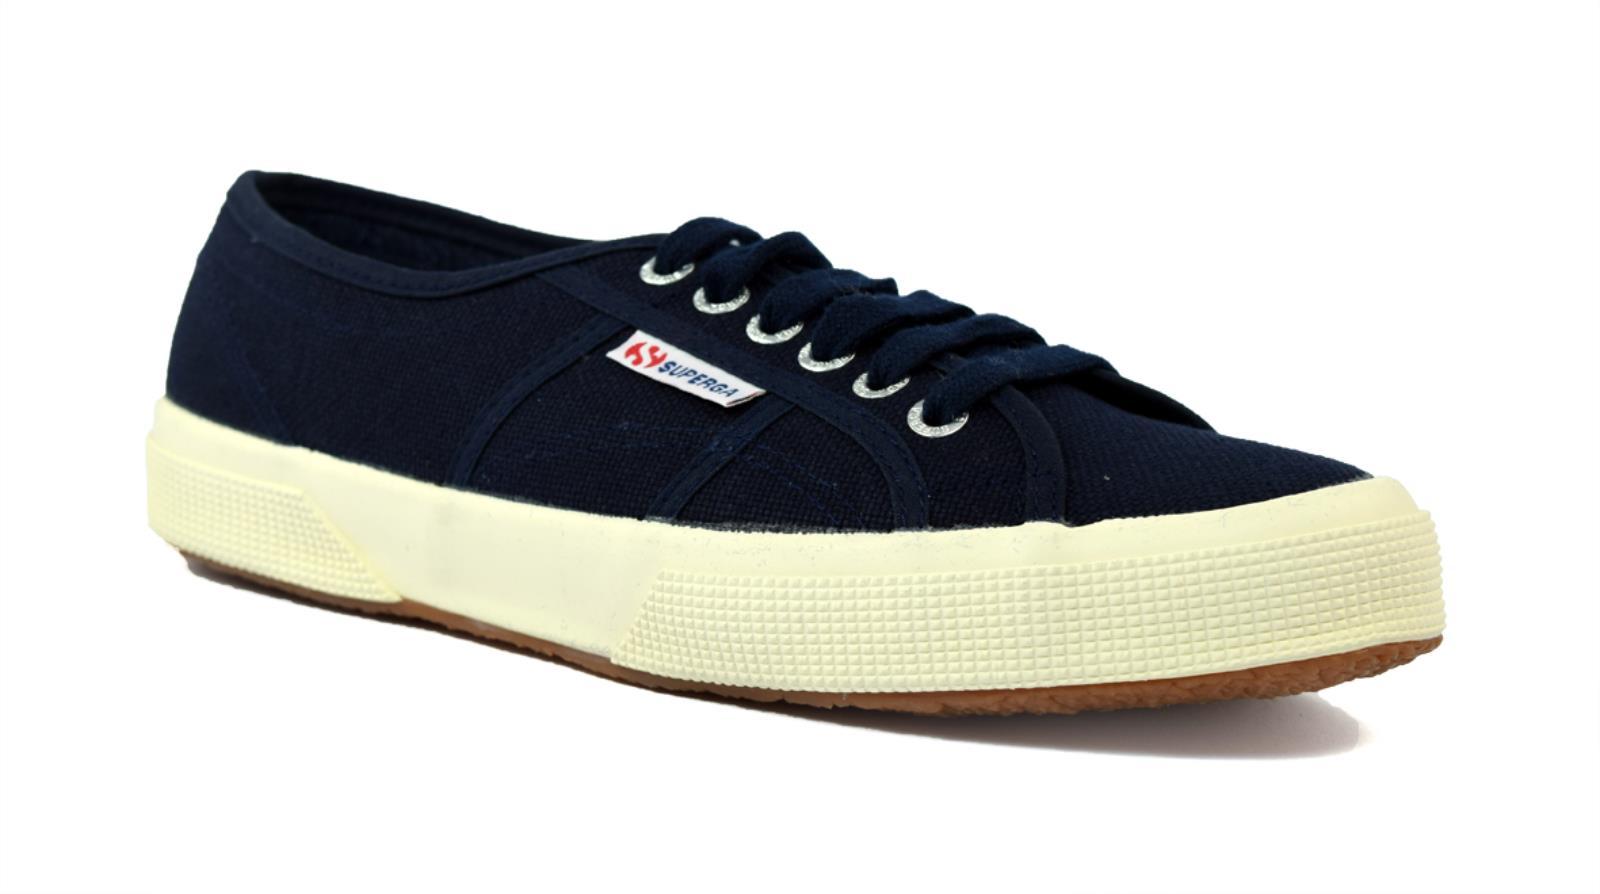 Schuhe SUPERGA2750-COTU CLASSIC CLASSIC SUPERGA2750-COTU S000010-933 UNISEX IN TELA DI COLORE BLU 7aa6ba